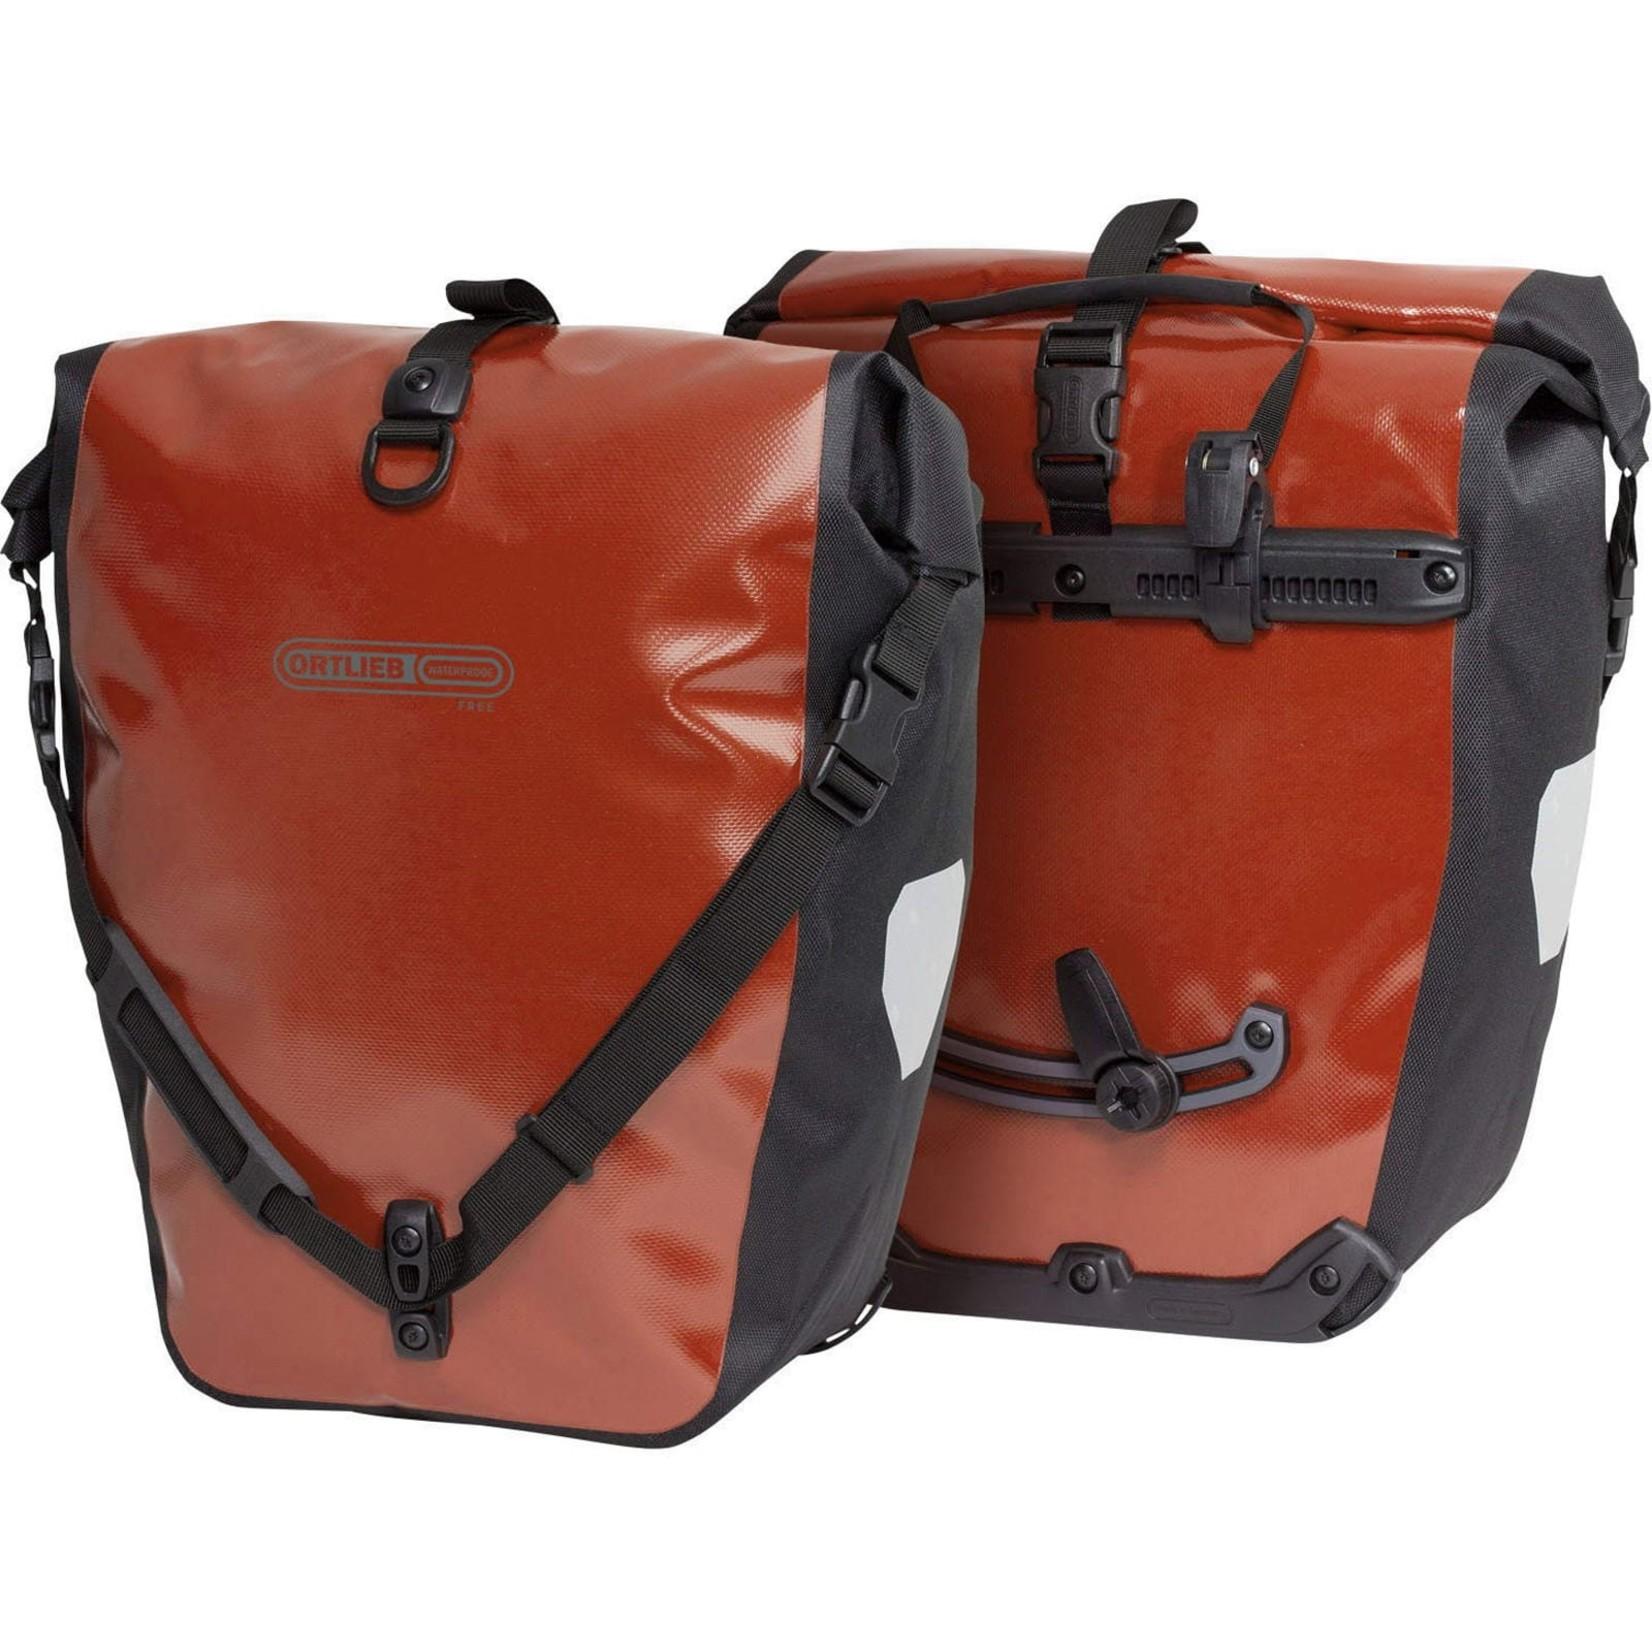 ORTLIEB ORTRLIEB - Taschen Back-Roller Free QL2.1 40L - rust/black